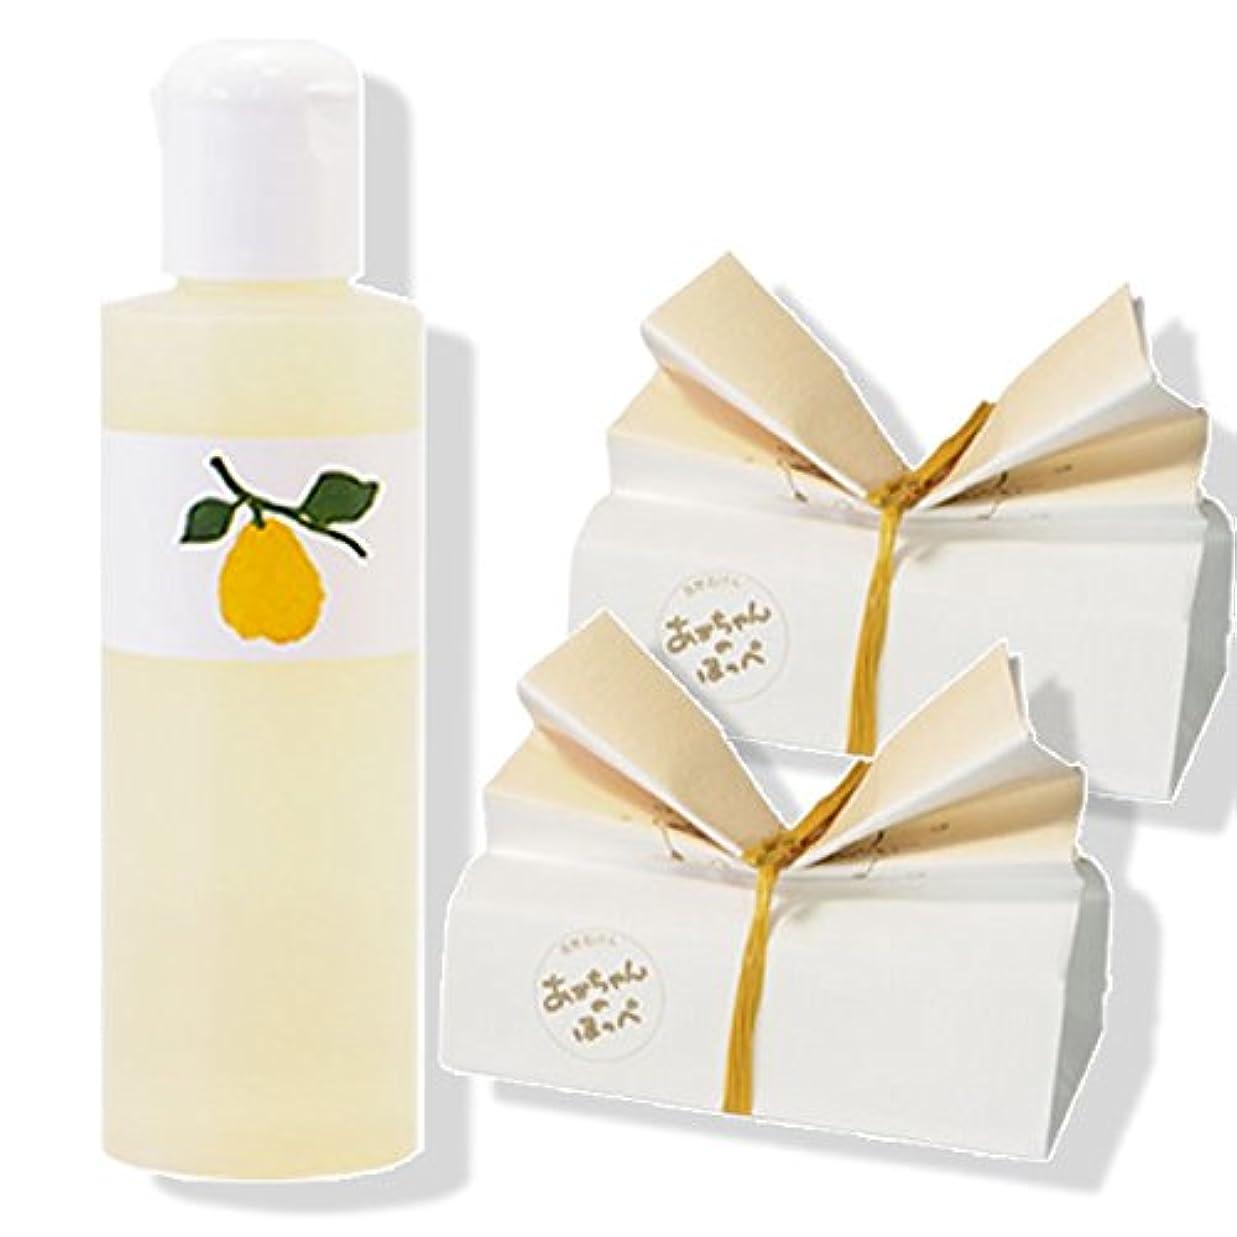 動的雨であること「花梨の化粧水」1本 & 「あかちゃんのほっぺ」石鹸 2個セット